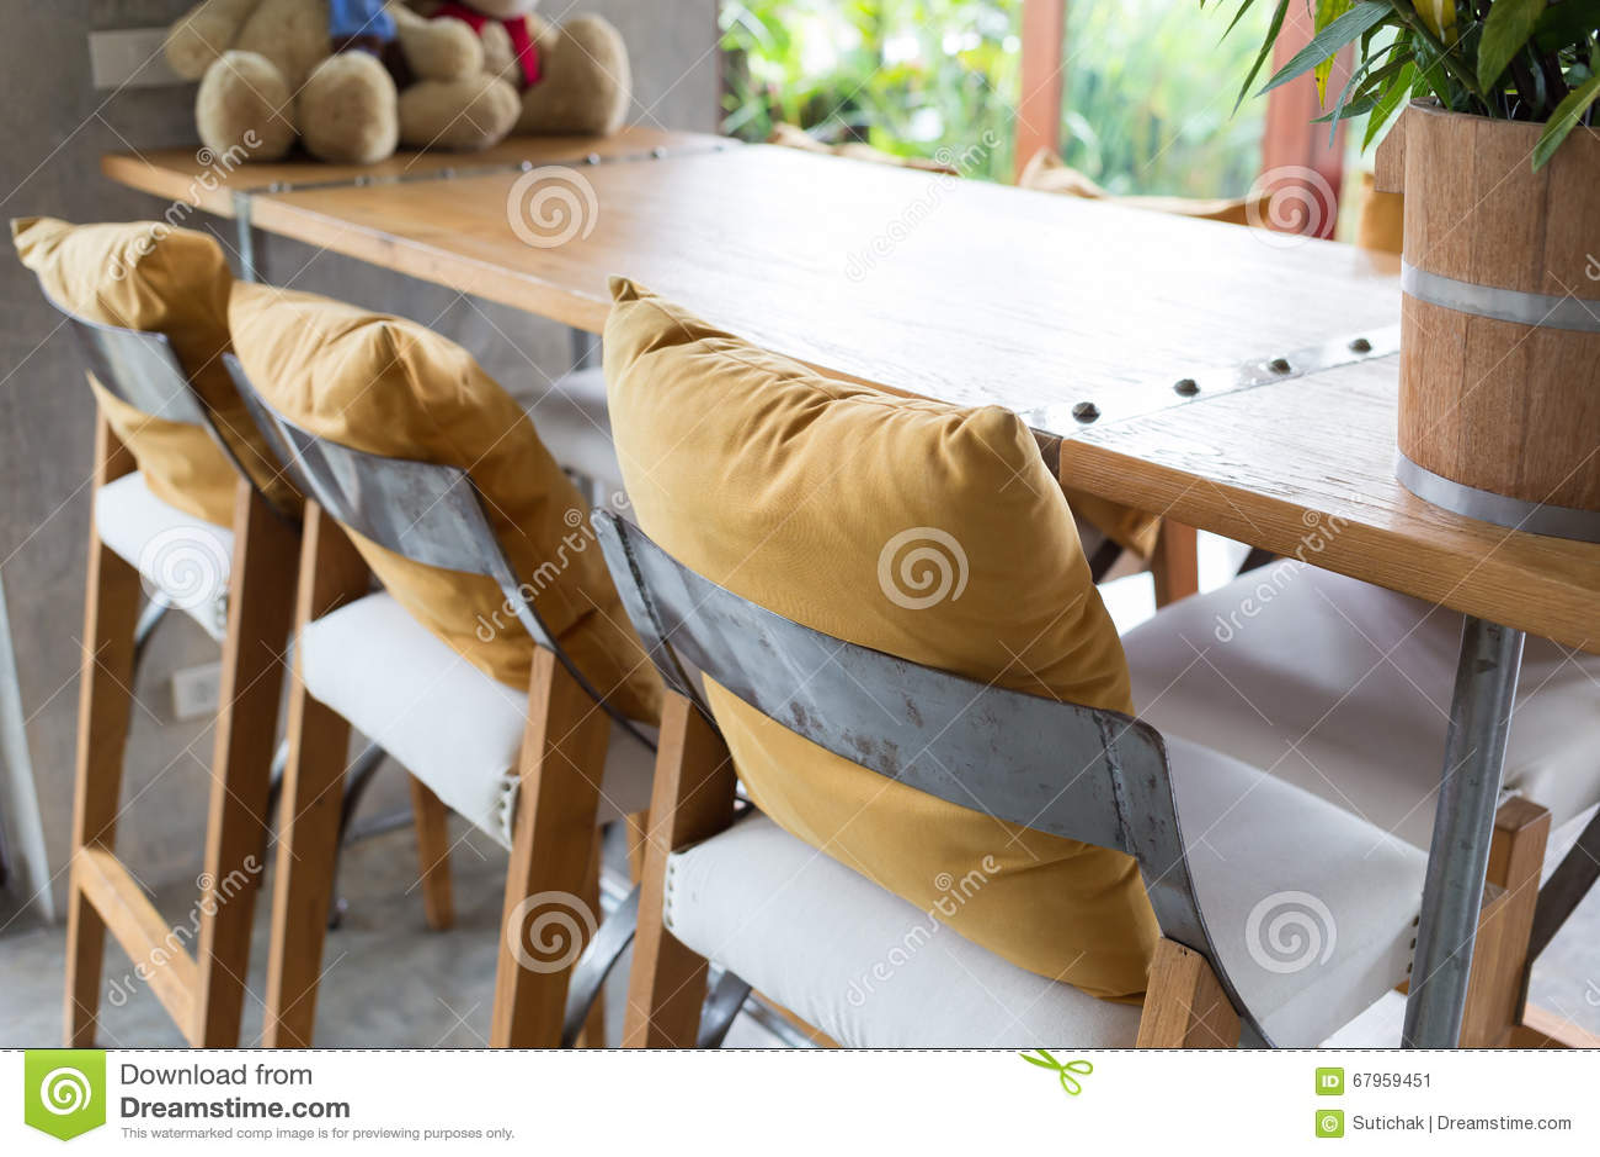 Sgabello da bar e tavola di legno decorati in salone immagine